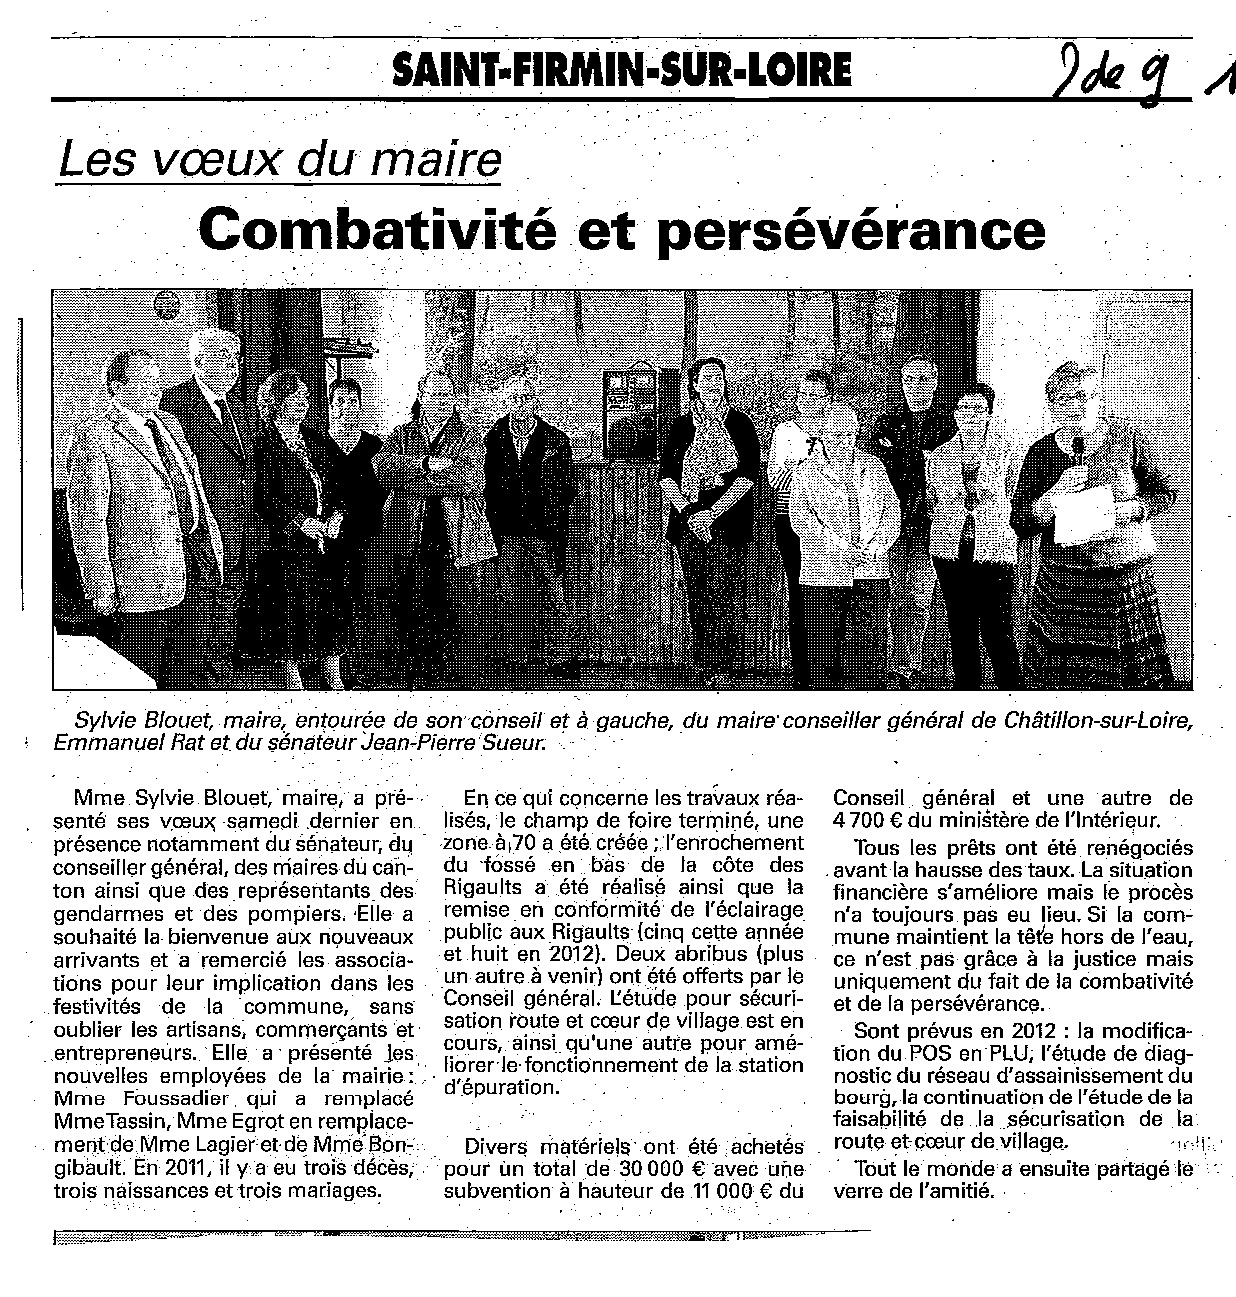 120119_SaintFirmin_voeux